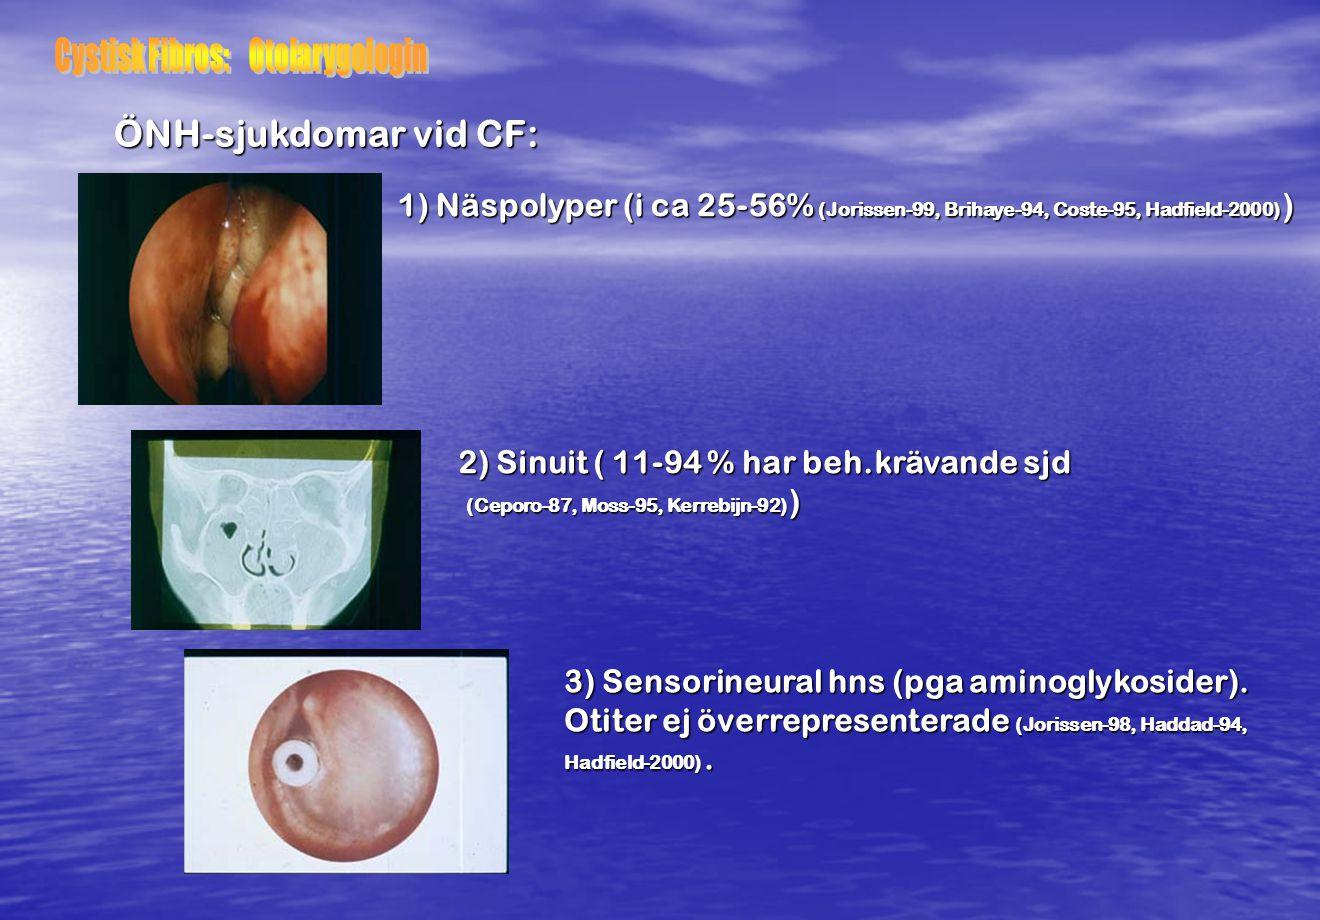 ÖNH-sjukdomar vid CF: 1) Näspolyper (i ca 25-56% (Jorissen-99, Brihaye-94, Coste-95, Hadfield-2000) ) 2) Sinuit ( 11-94 % har beh.krävande sjd (Ceporo